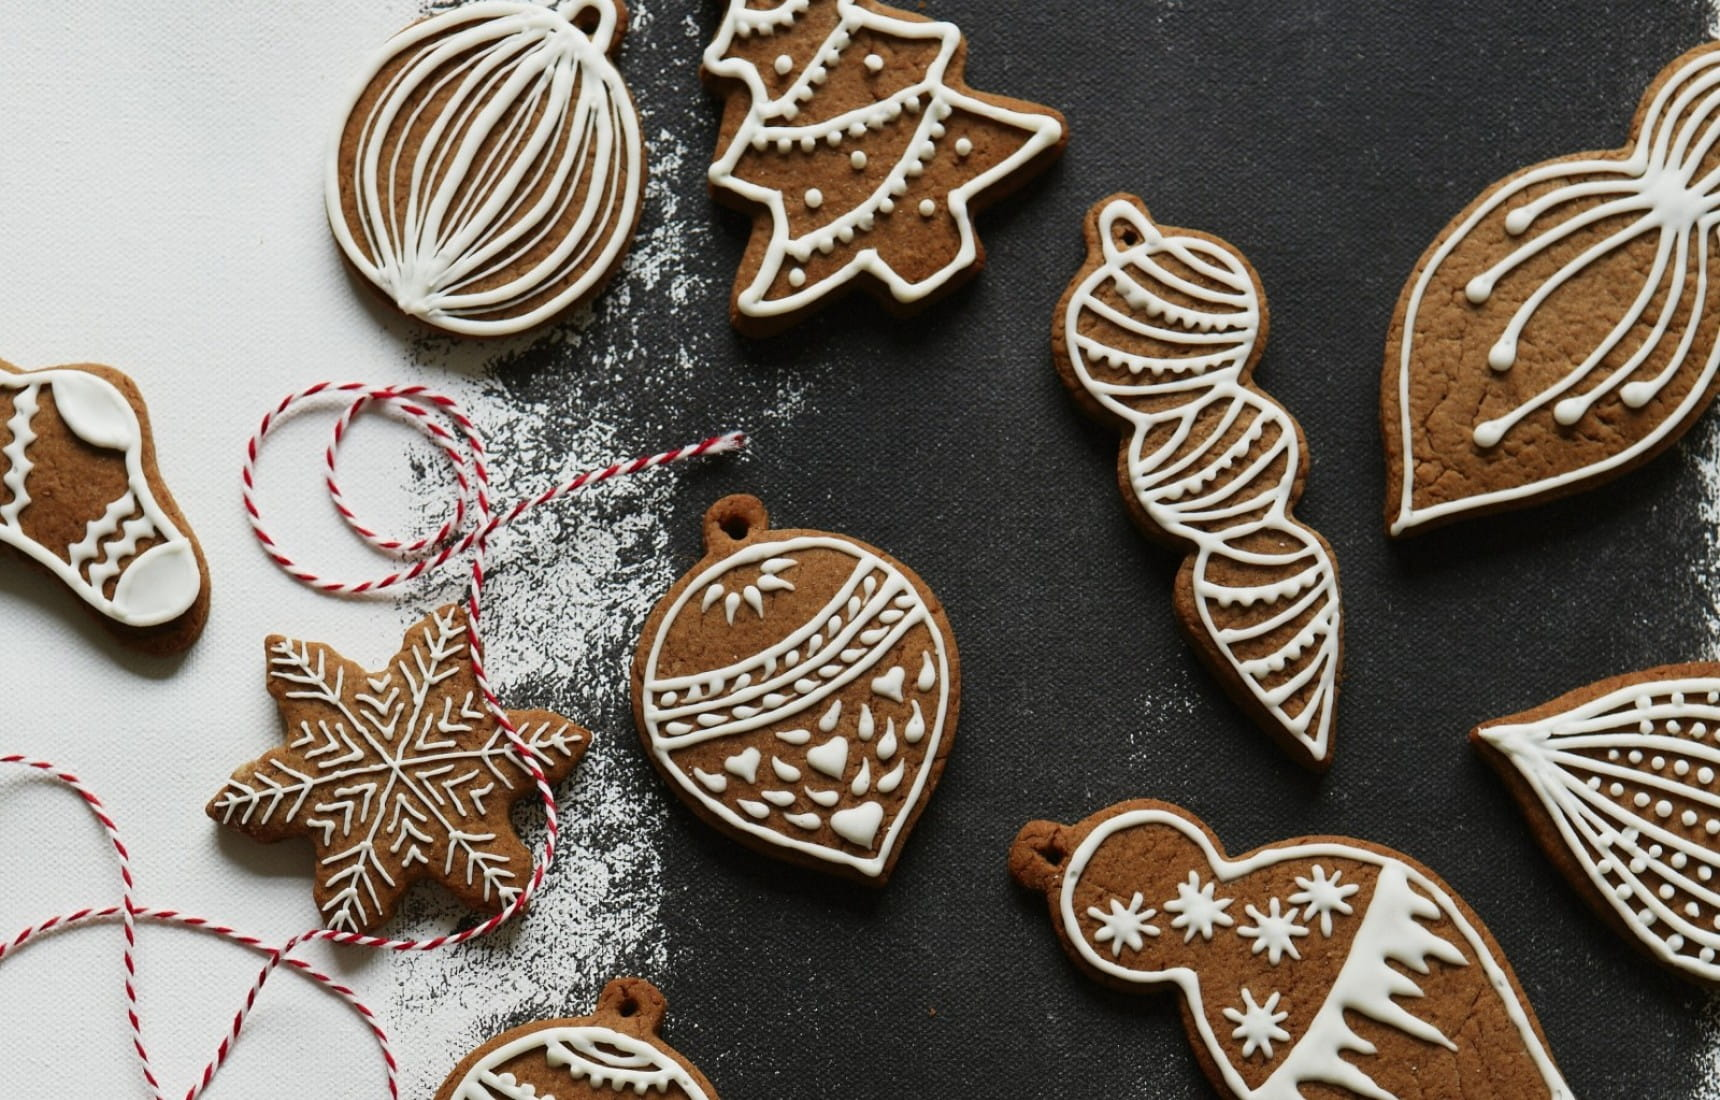 Polish Christmas Cookies.Polish Spiced Christmas Cookies Matching Food Wine